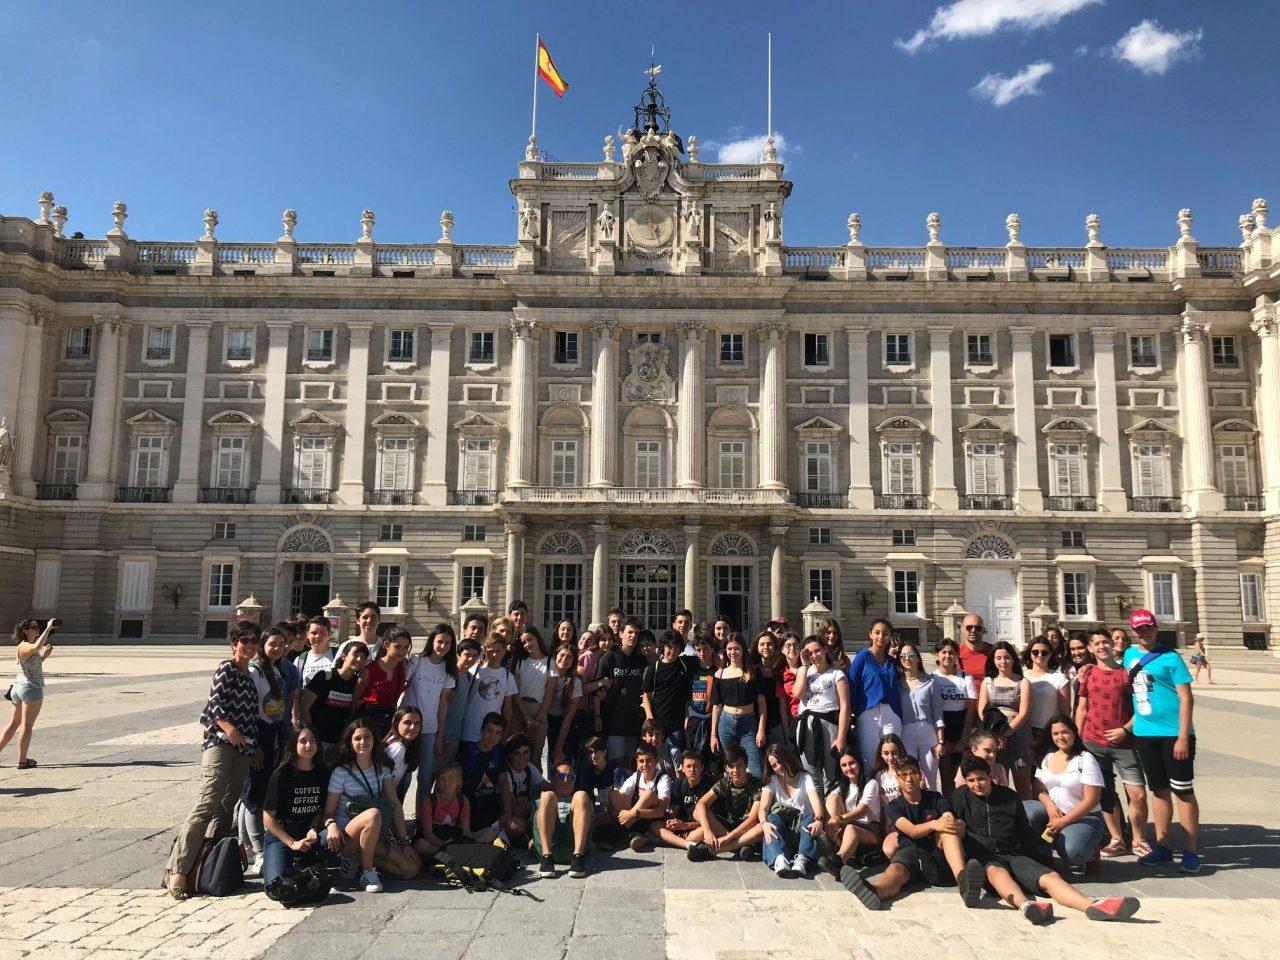 2-eso-visita-a-madrid-05-2019-1280x960.jpg